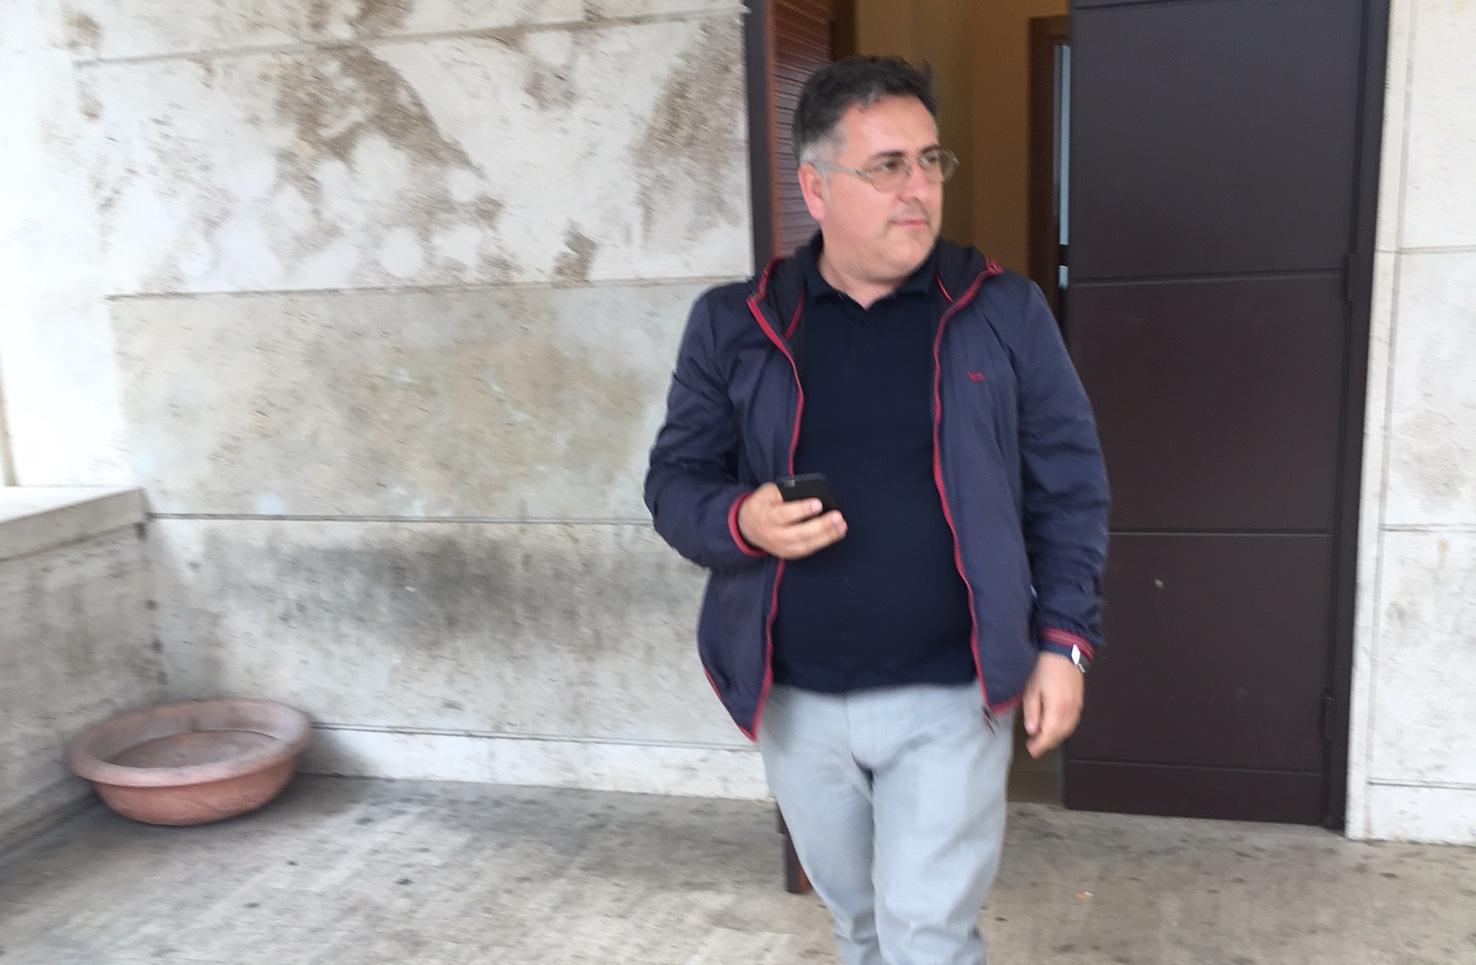 Clamorosa retromarcia, Di Palma senza più numeri decide il rinvio del consiglio sul Bilancio: è l'esito del vertice